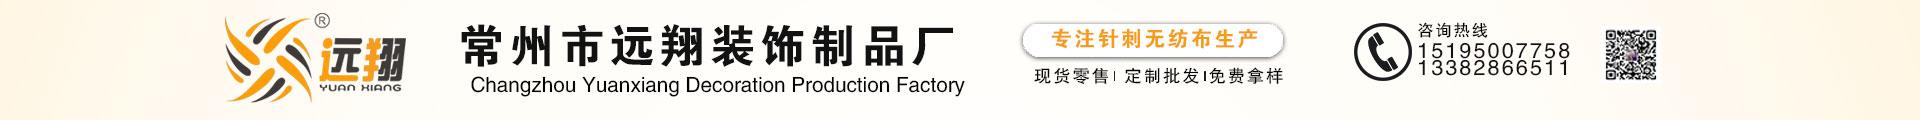 常州市远翔装饰制品厂